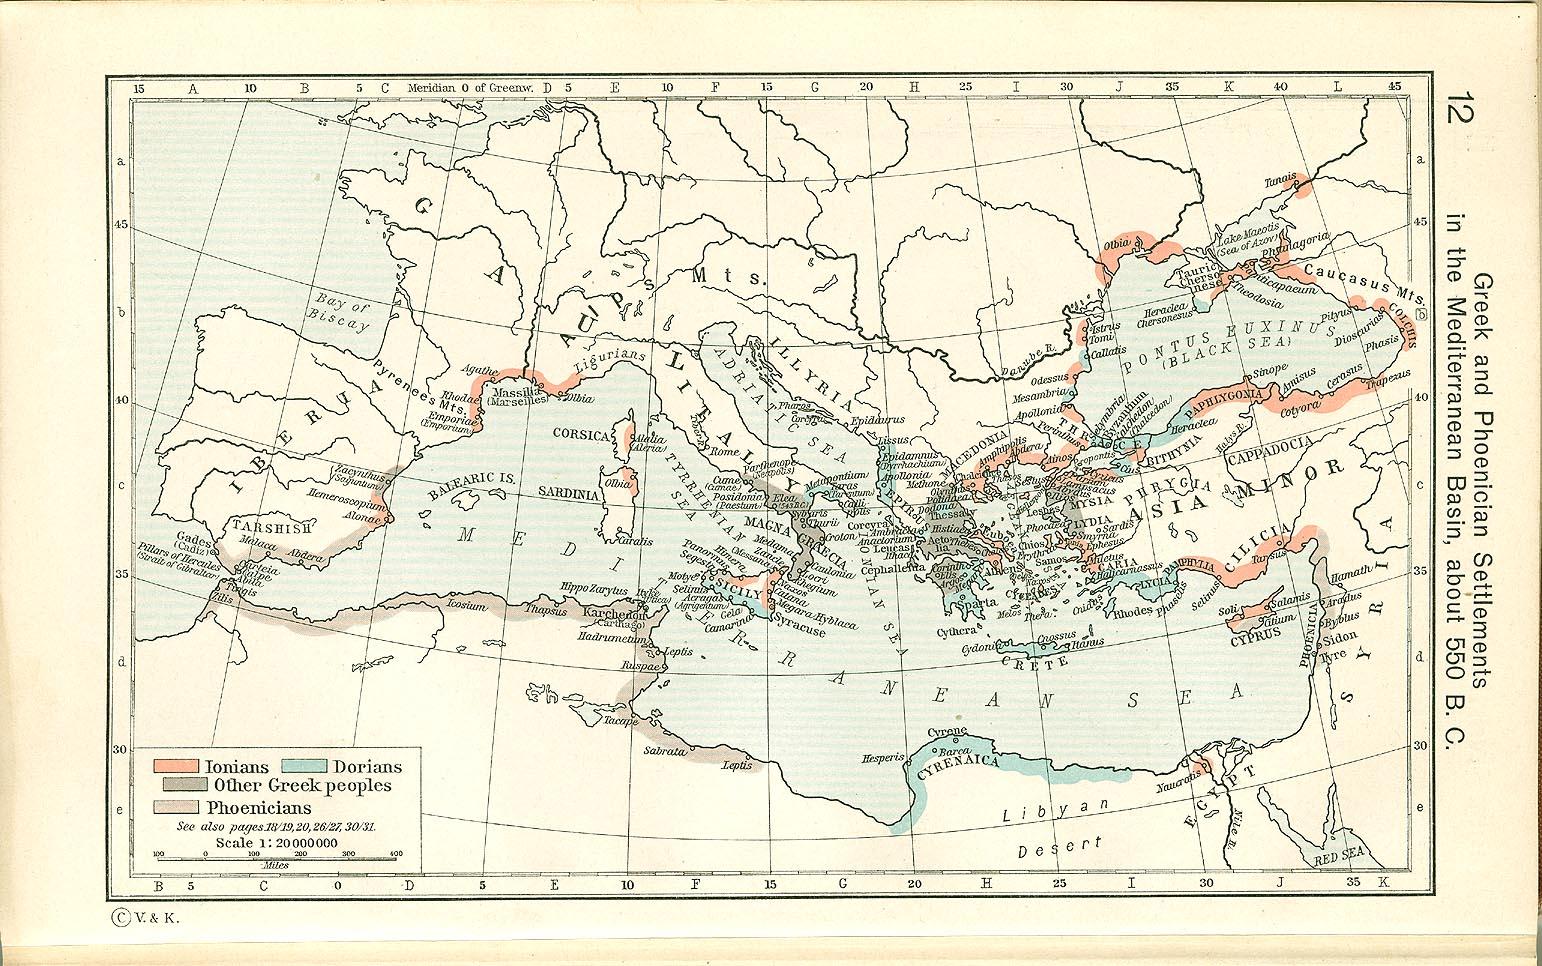 Difesa Iniziativa 5 5 Del Mediterraneo Occidentale Si A